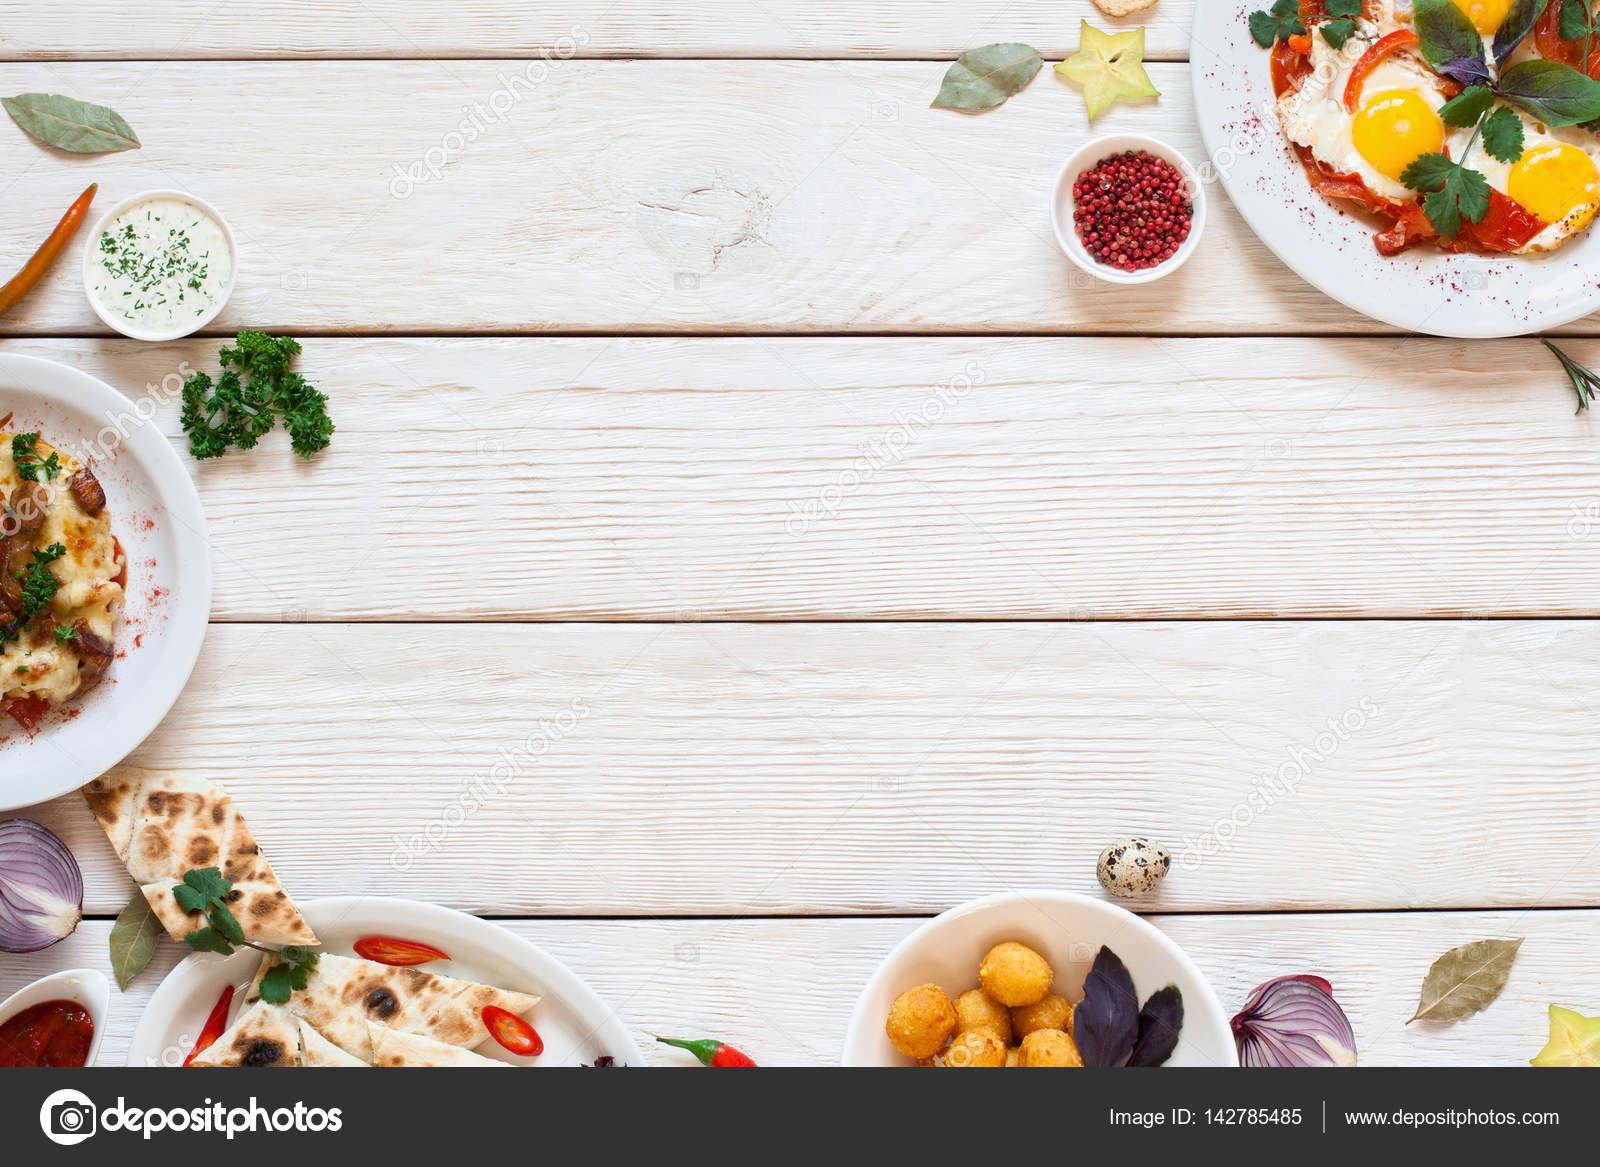 Leckeres Frühstück vom Buffet Rahmen auf weißem Holz — Stockfoto ...